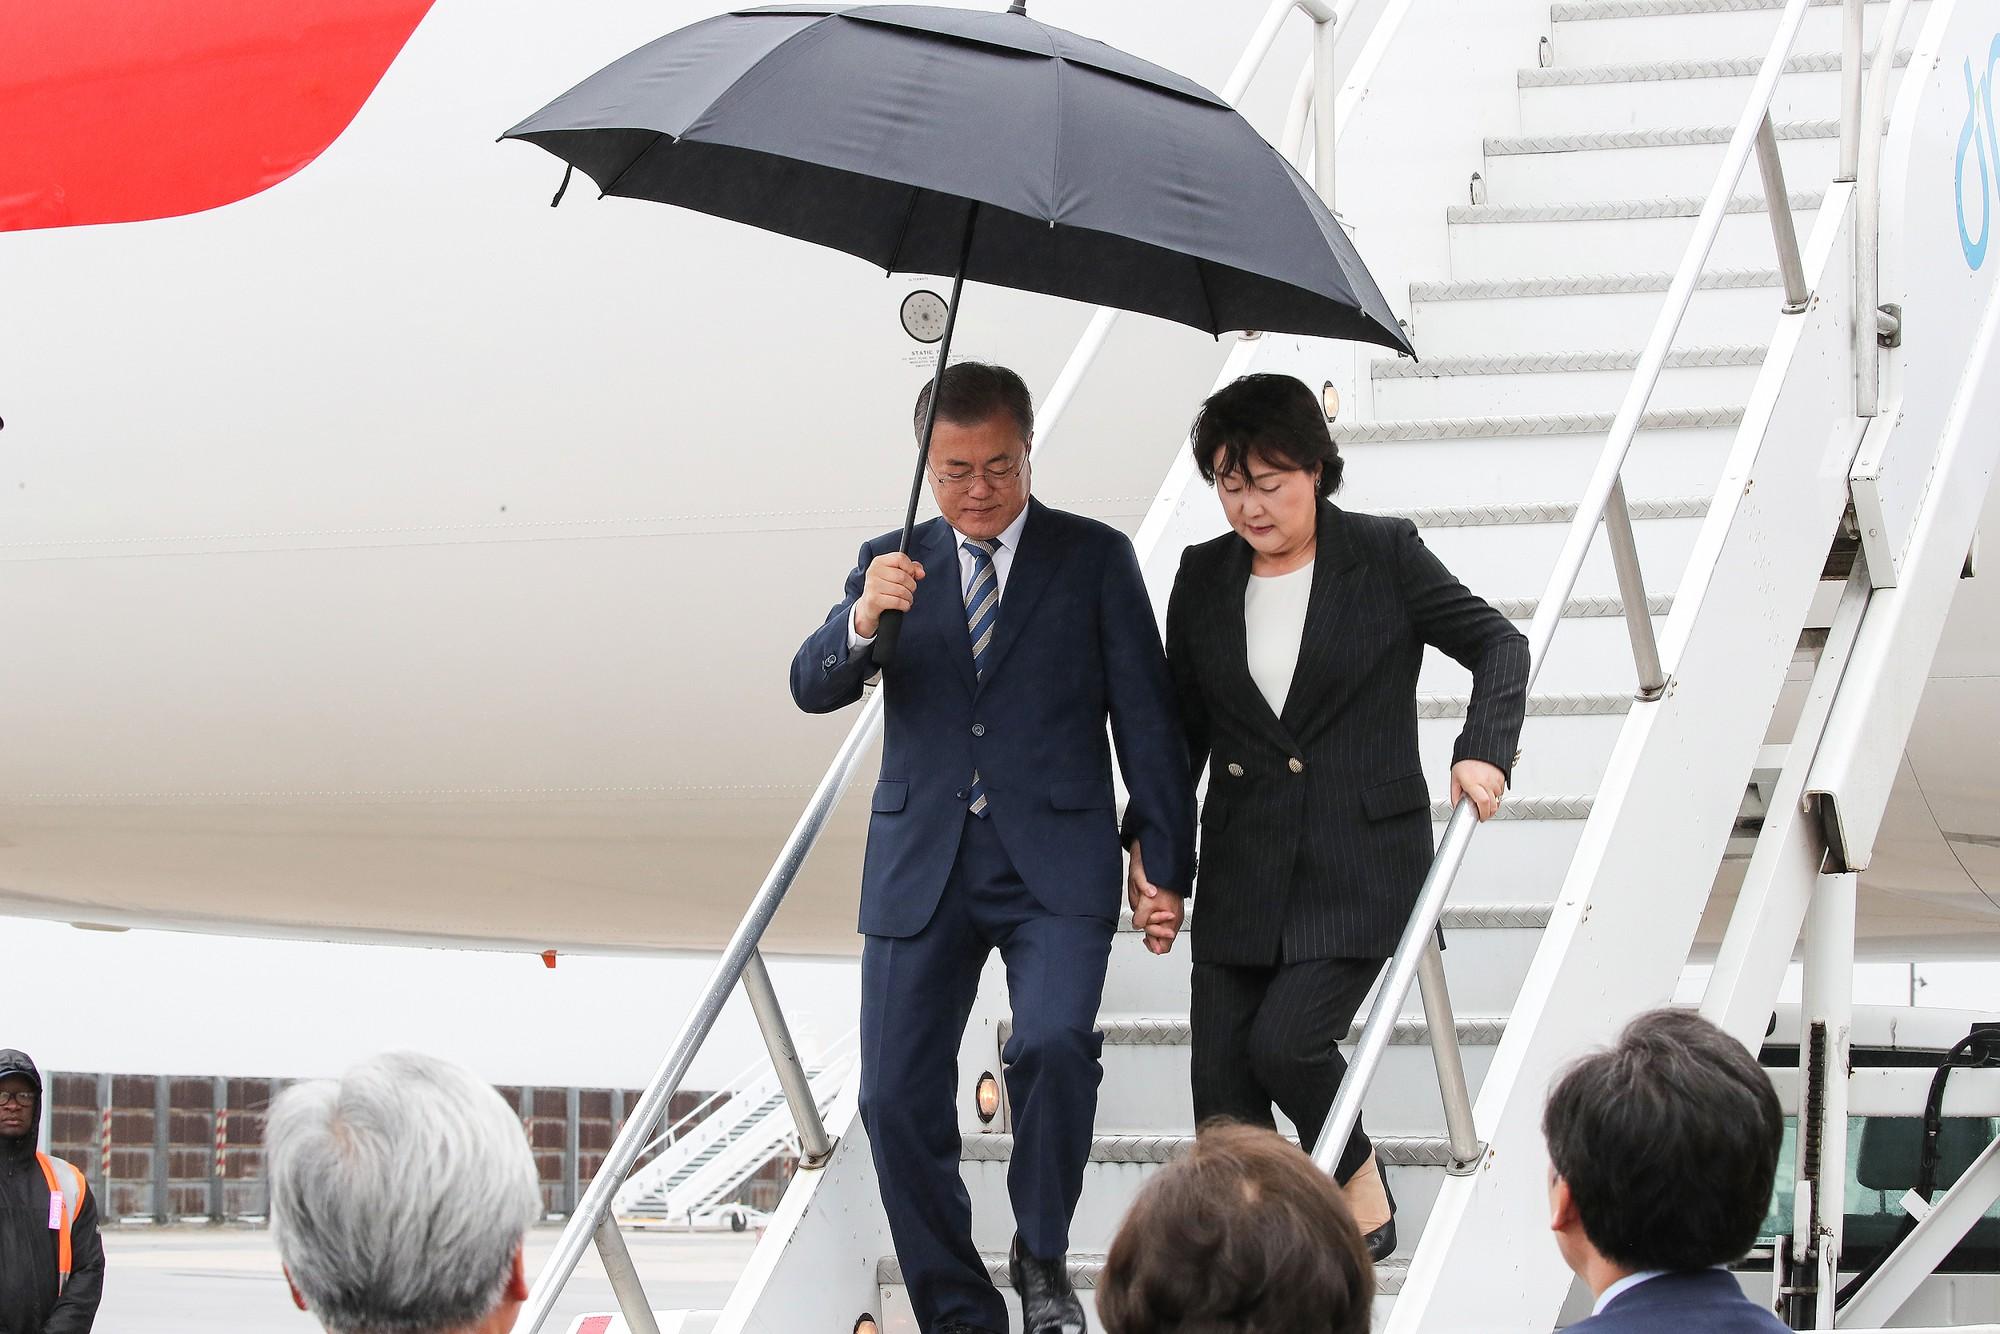 Mối tình lãng mạn của Tổng thống Hàn Quốc và vợ: Từ giảng đường đến chính trường, hơn 40 năm dài vẫn nắm chặt tay nhau - Ảnh 10.